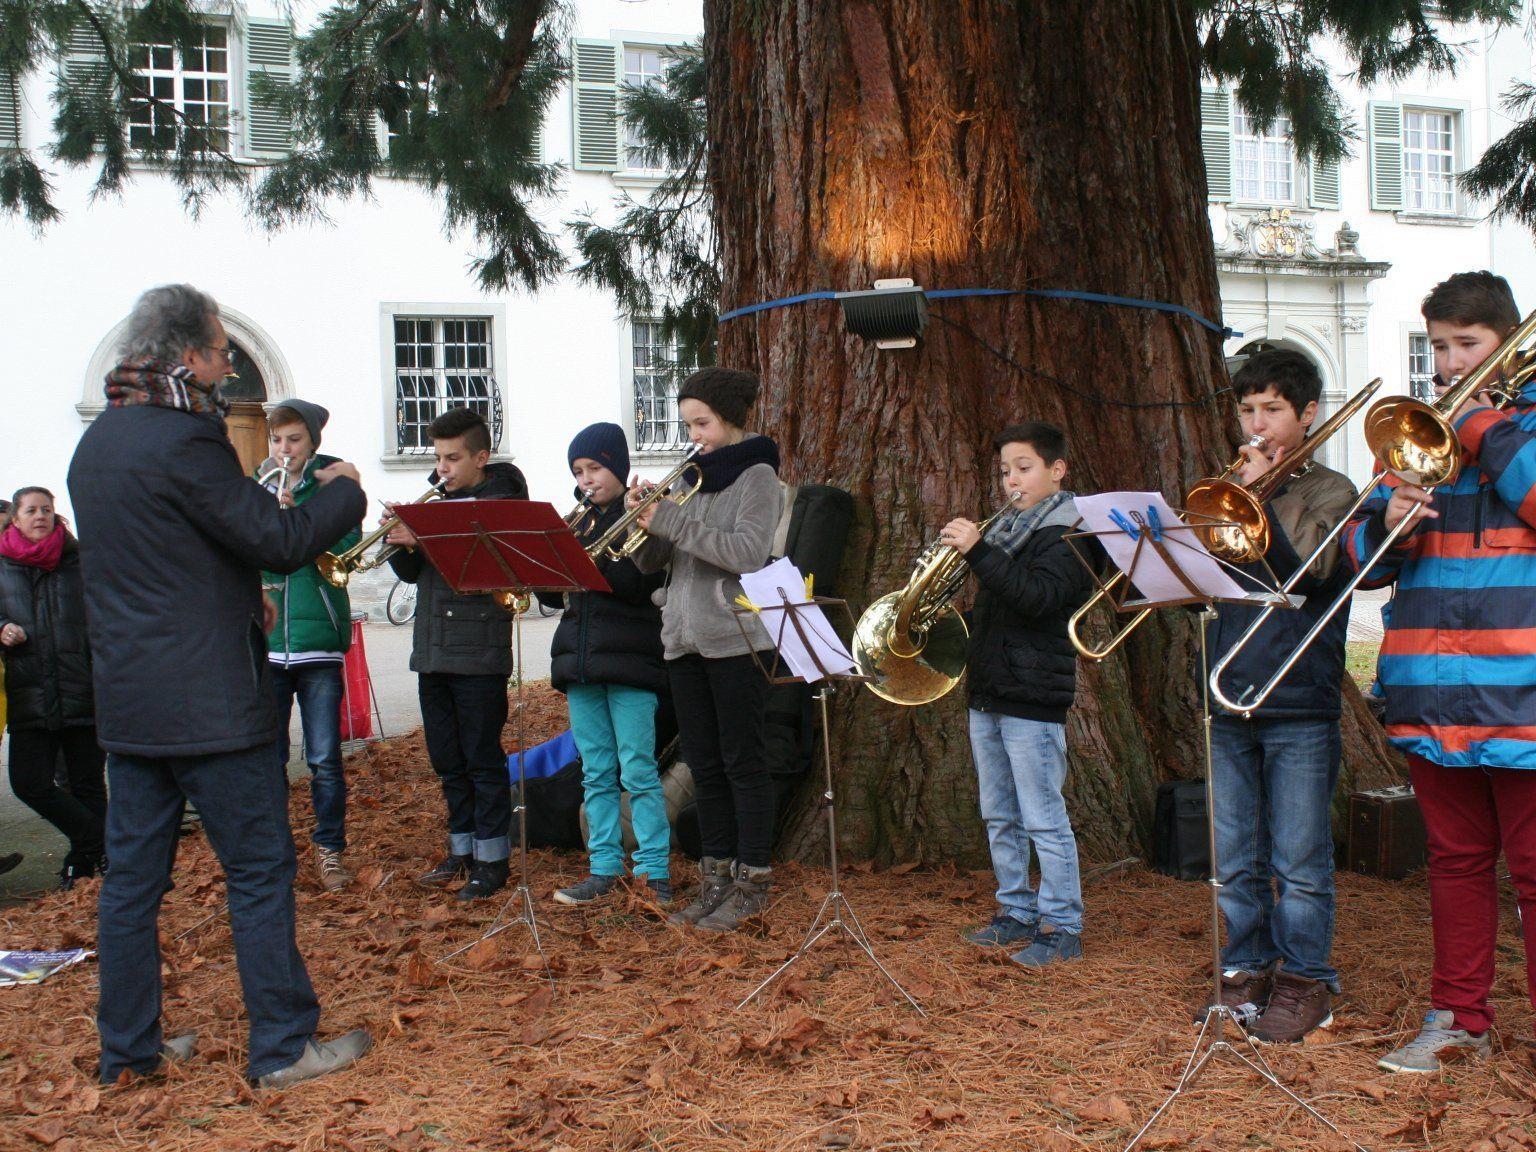 Für beste musikalische Unterhaltung sorgte u. a. der Bläserensemble der MS Bregenz-Stadt